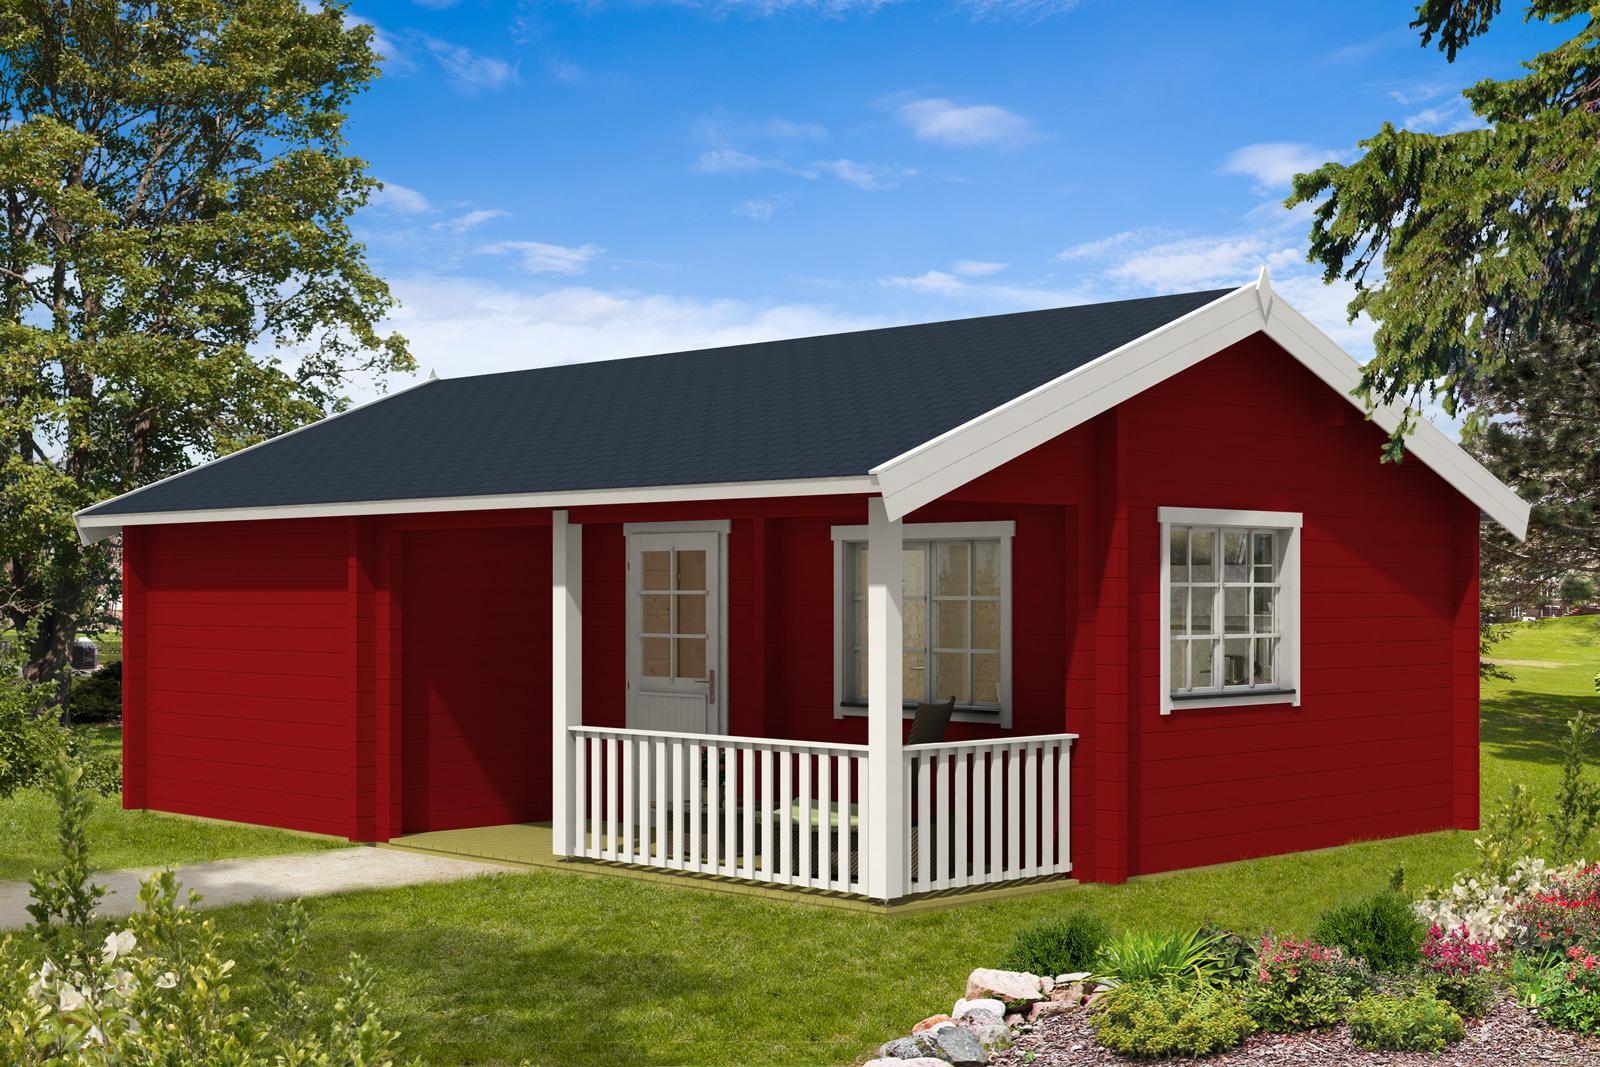 garten und freizeithaus k ln 90 premium. Black Bedroom Furniture Sets. Home Design Ideas